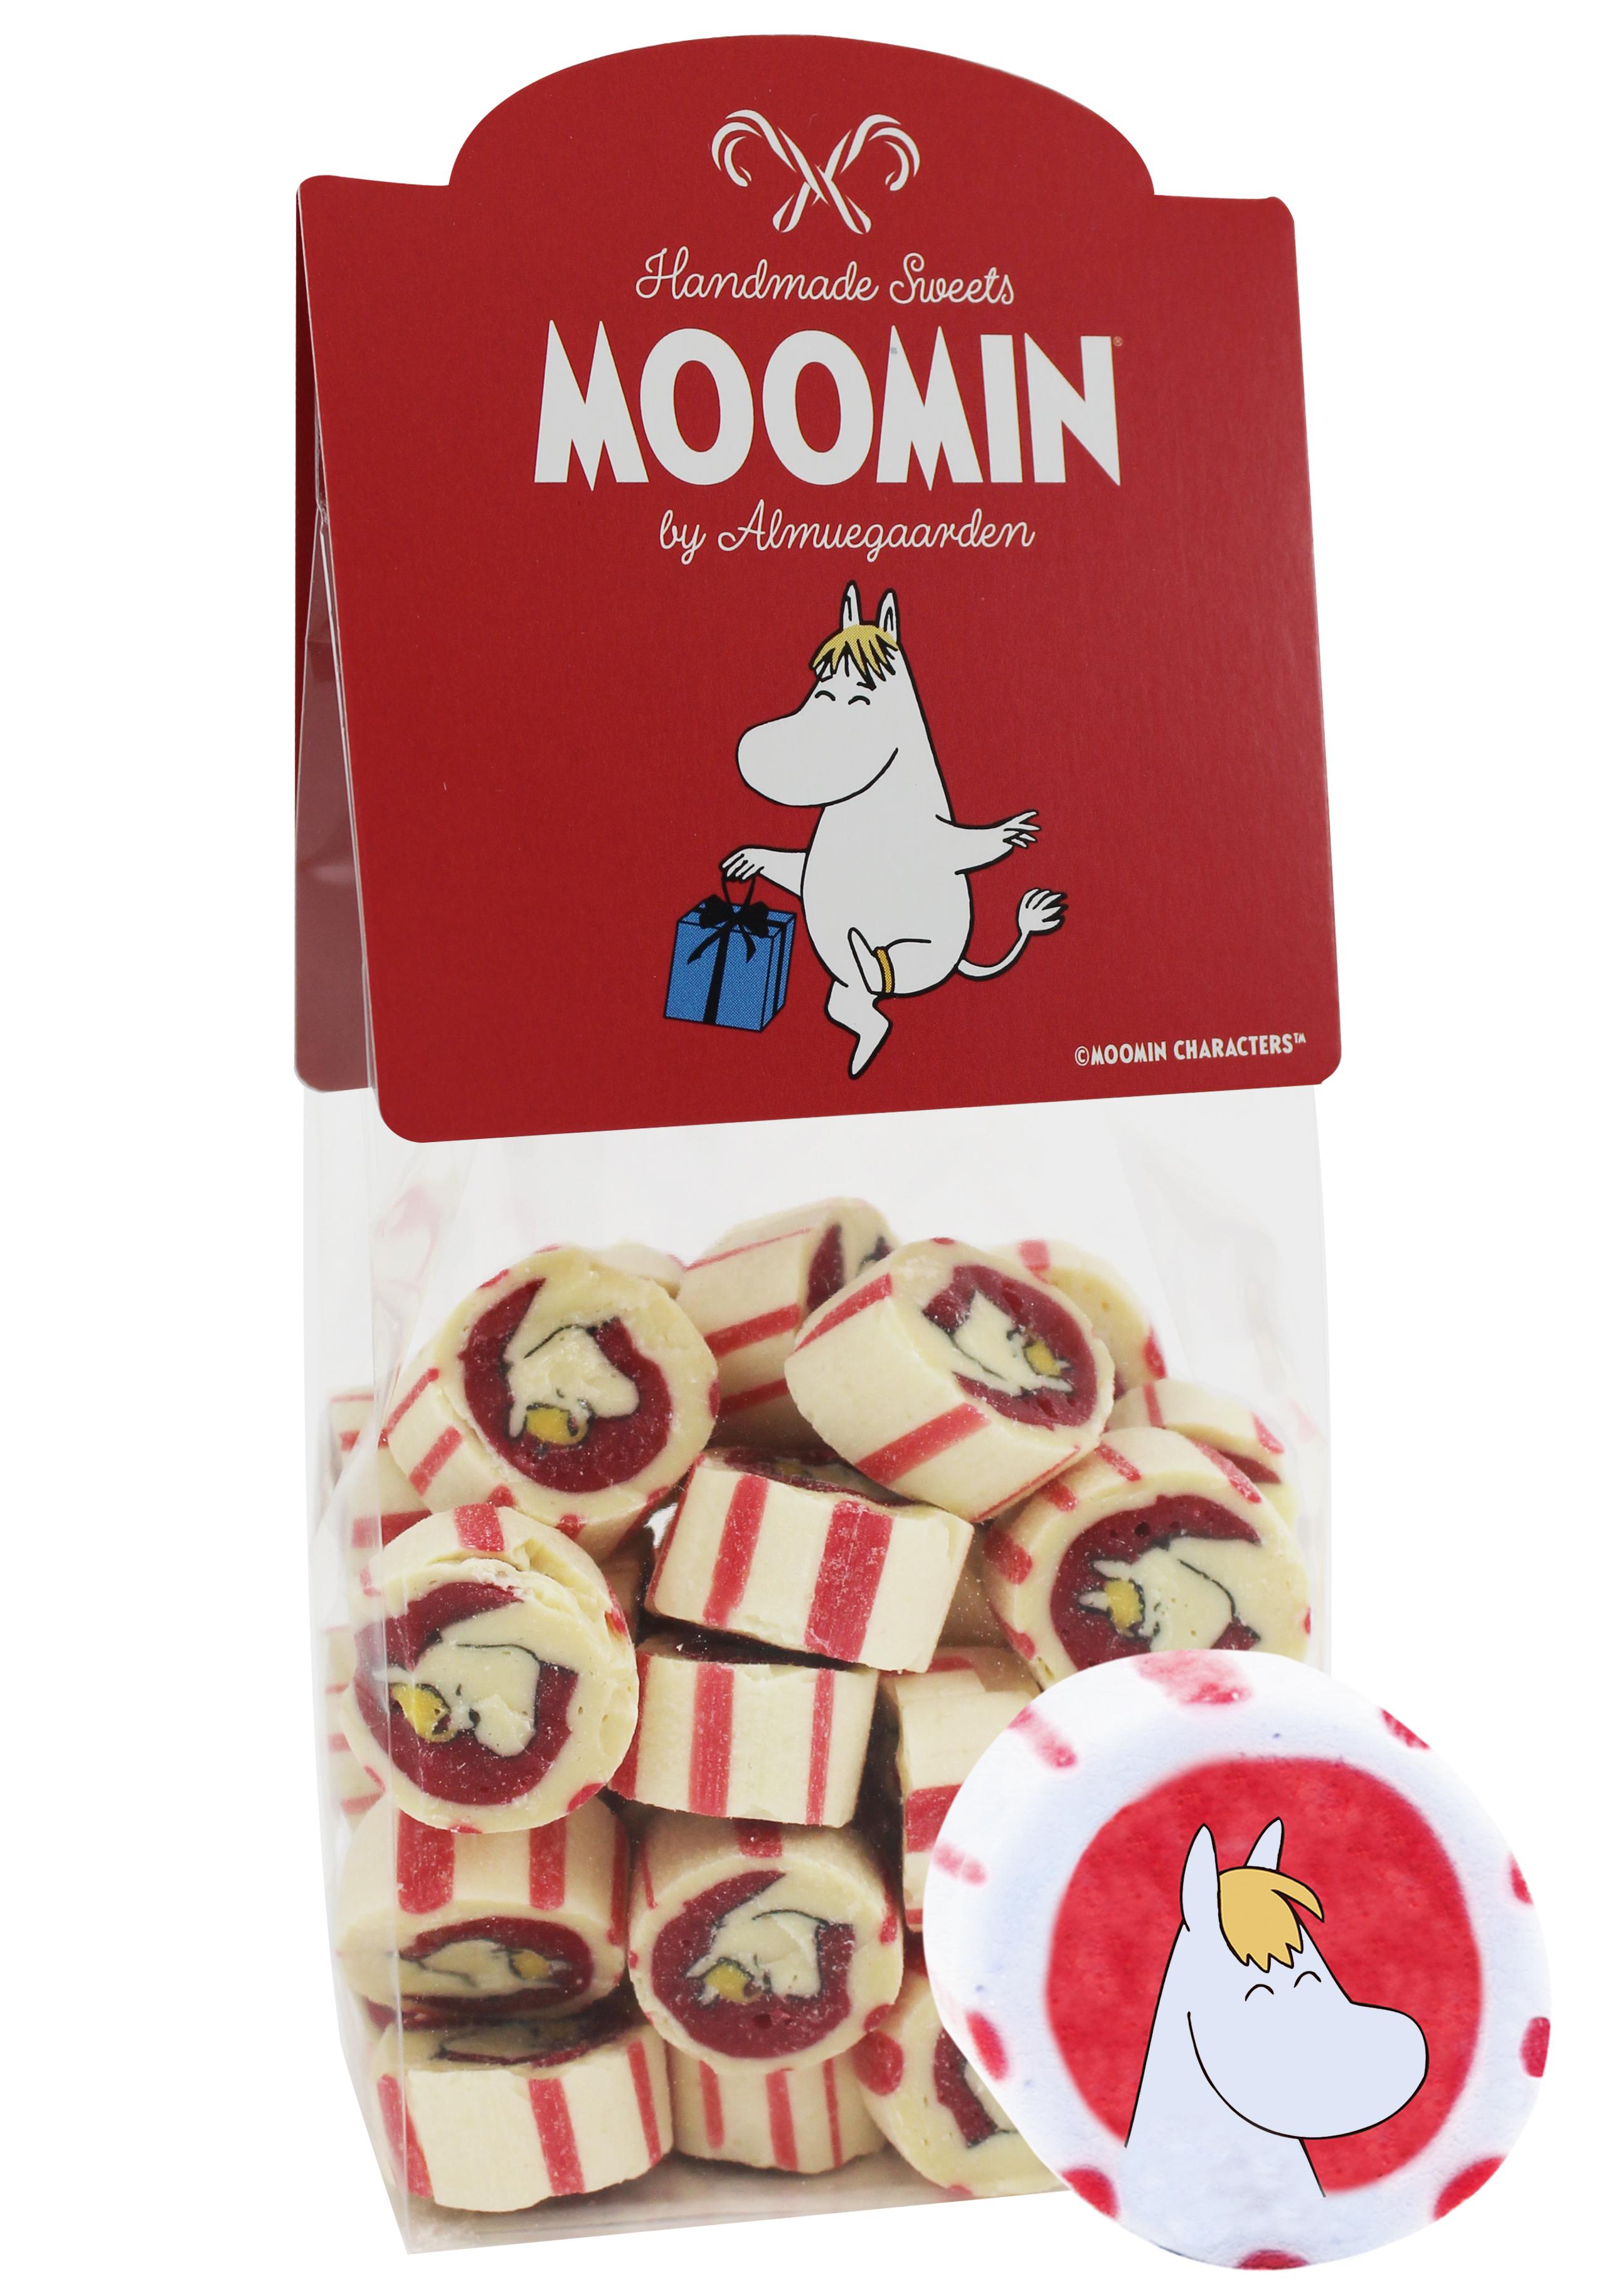 MOOMIN by Almuegaarden - Snorkmaiden Sweets